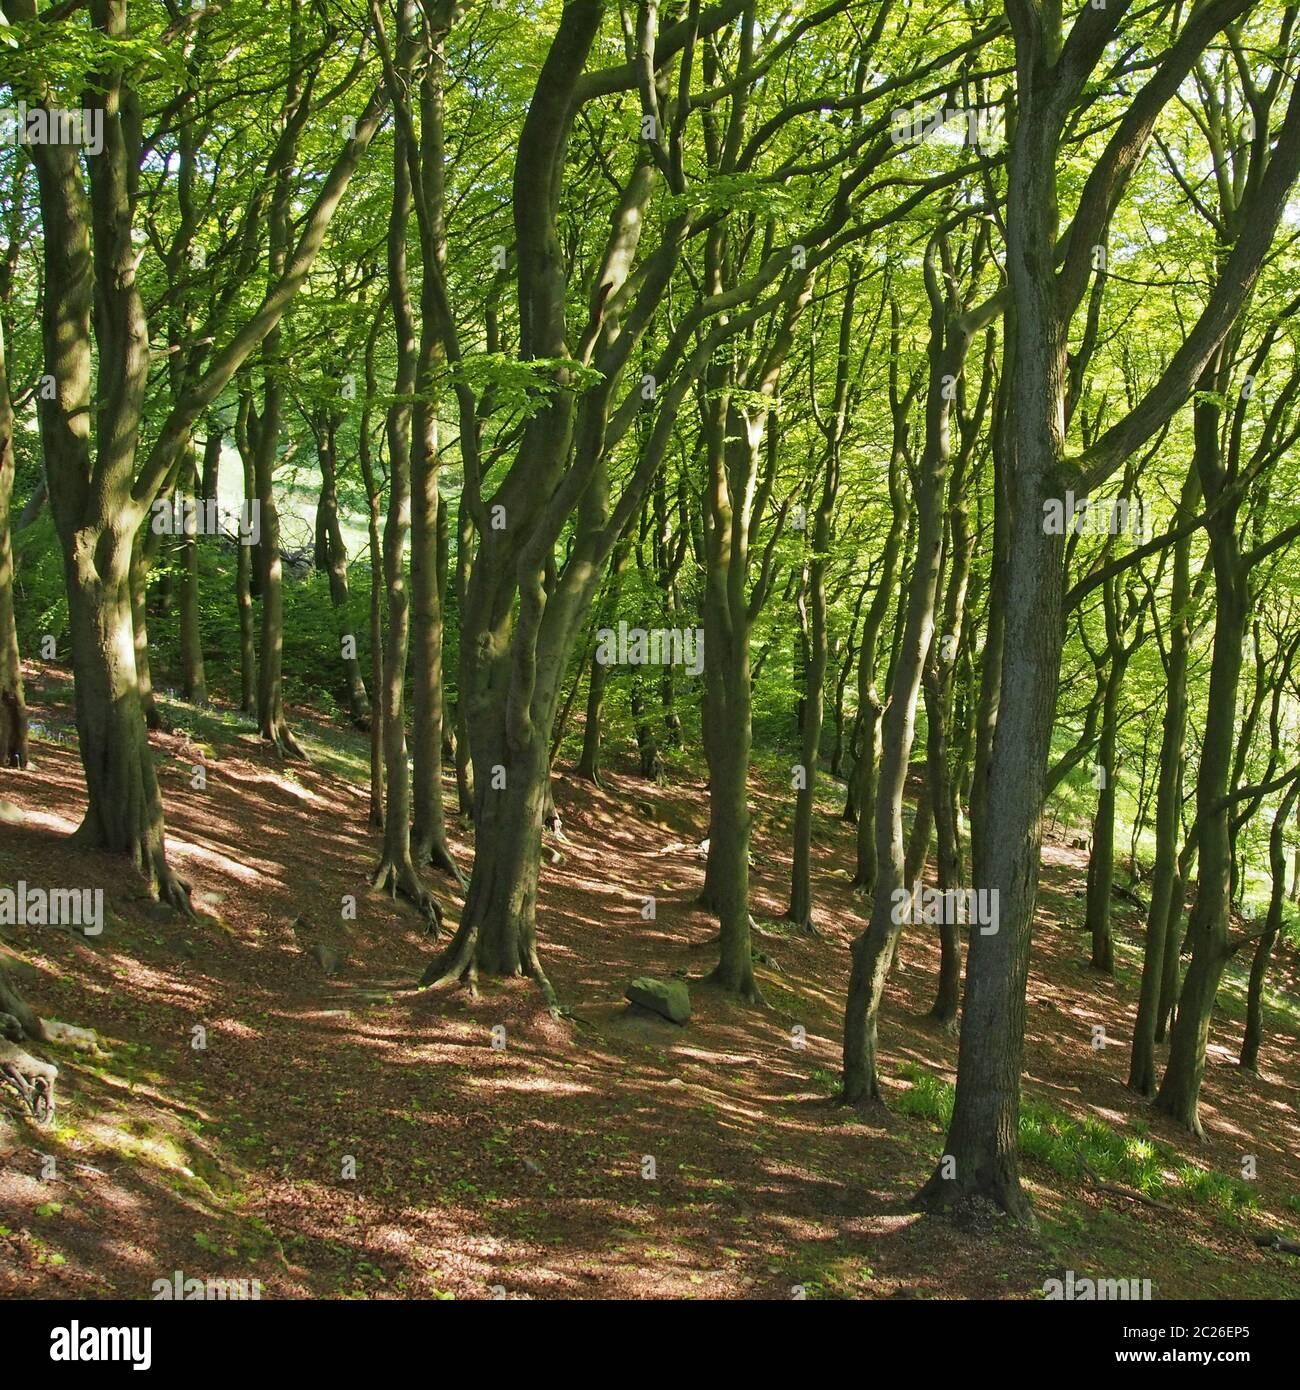 forêt à flanc de colline au printemps avec feuillage vert vif éclairé par le soleil et ombres à applades sur le sol Banque D'Images